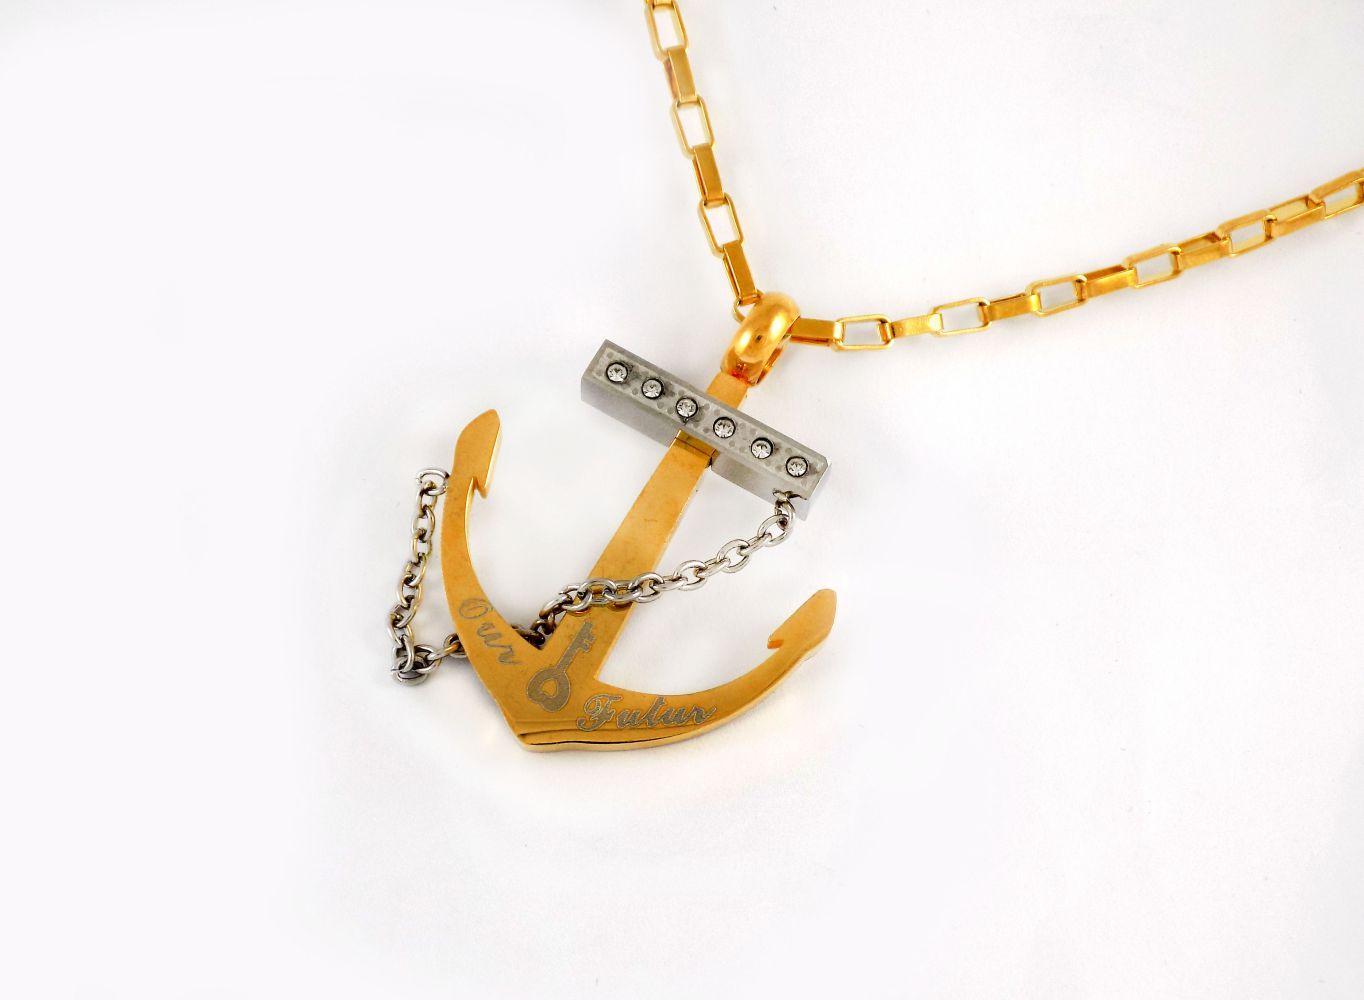 گردنبند مردانه استیل طرح لنگر با زنجیر آجری 24 سانتی nw-n192